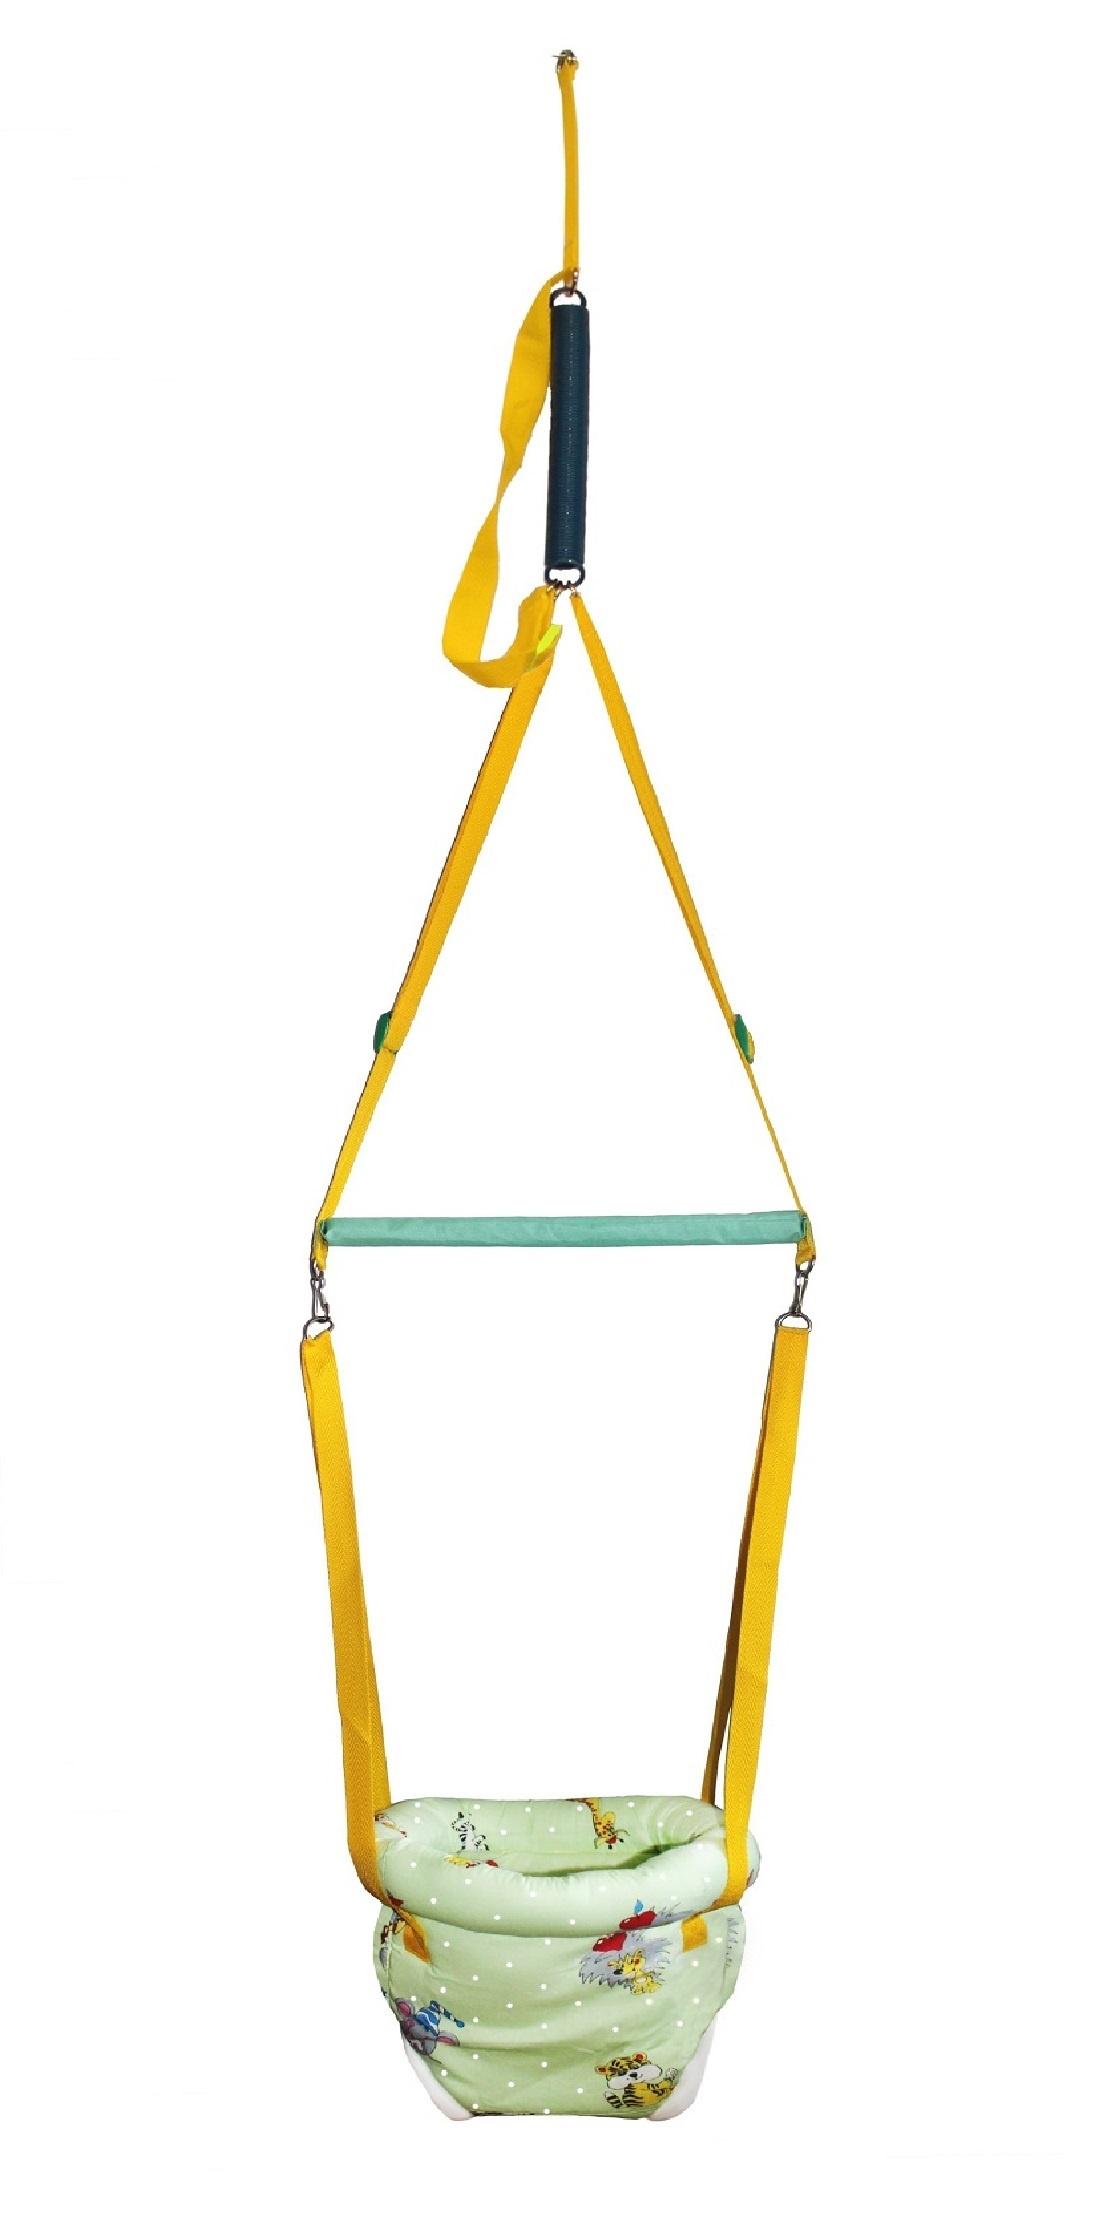 Прыгунки Риббис 4_св.зелжив_зел_желтстропы светло-зеленый, зеленый, желтый